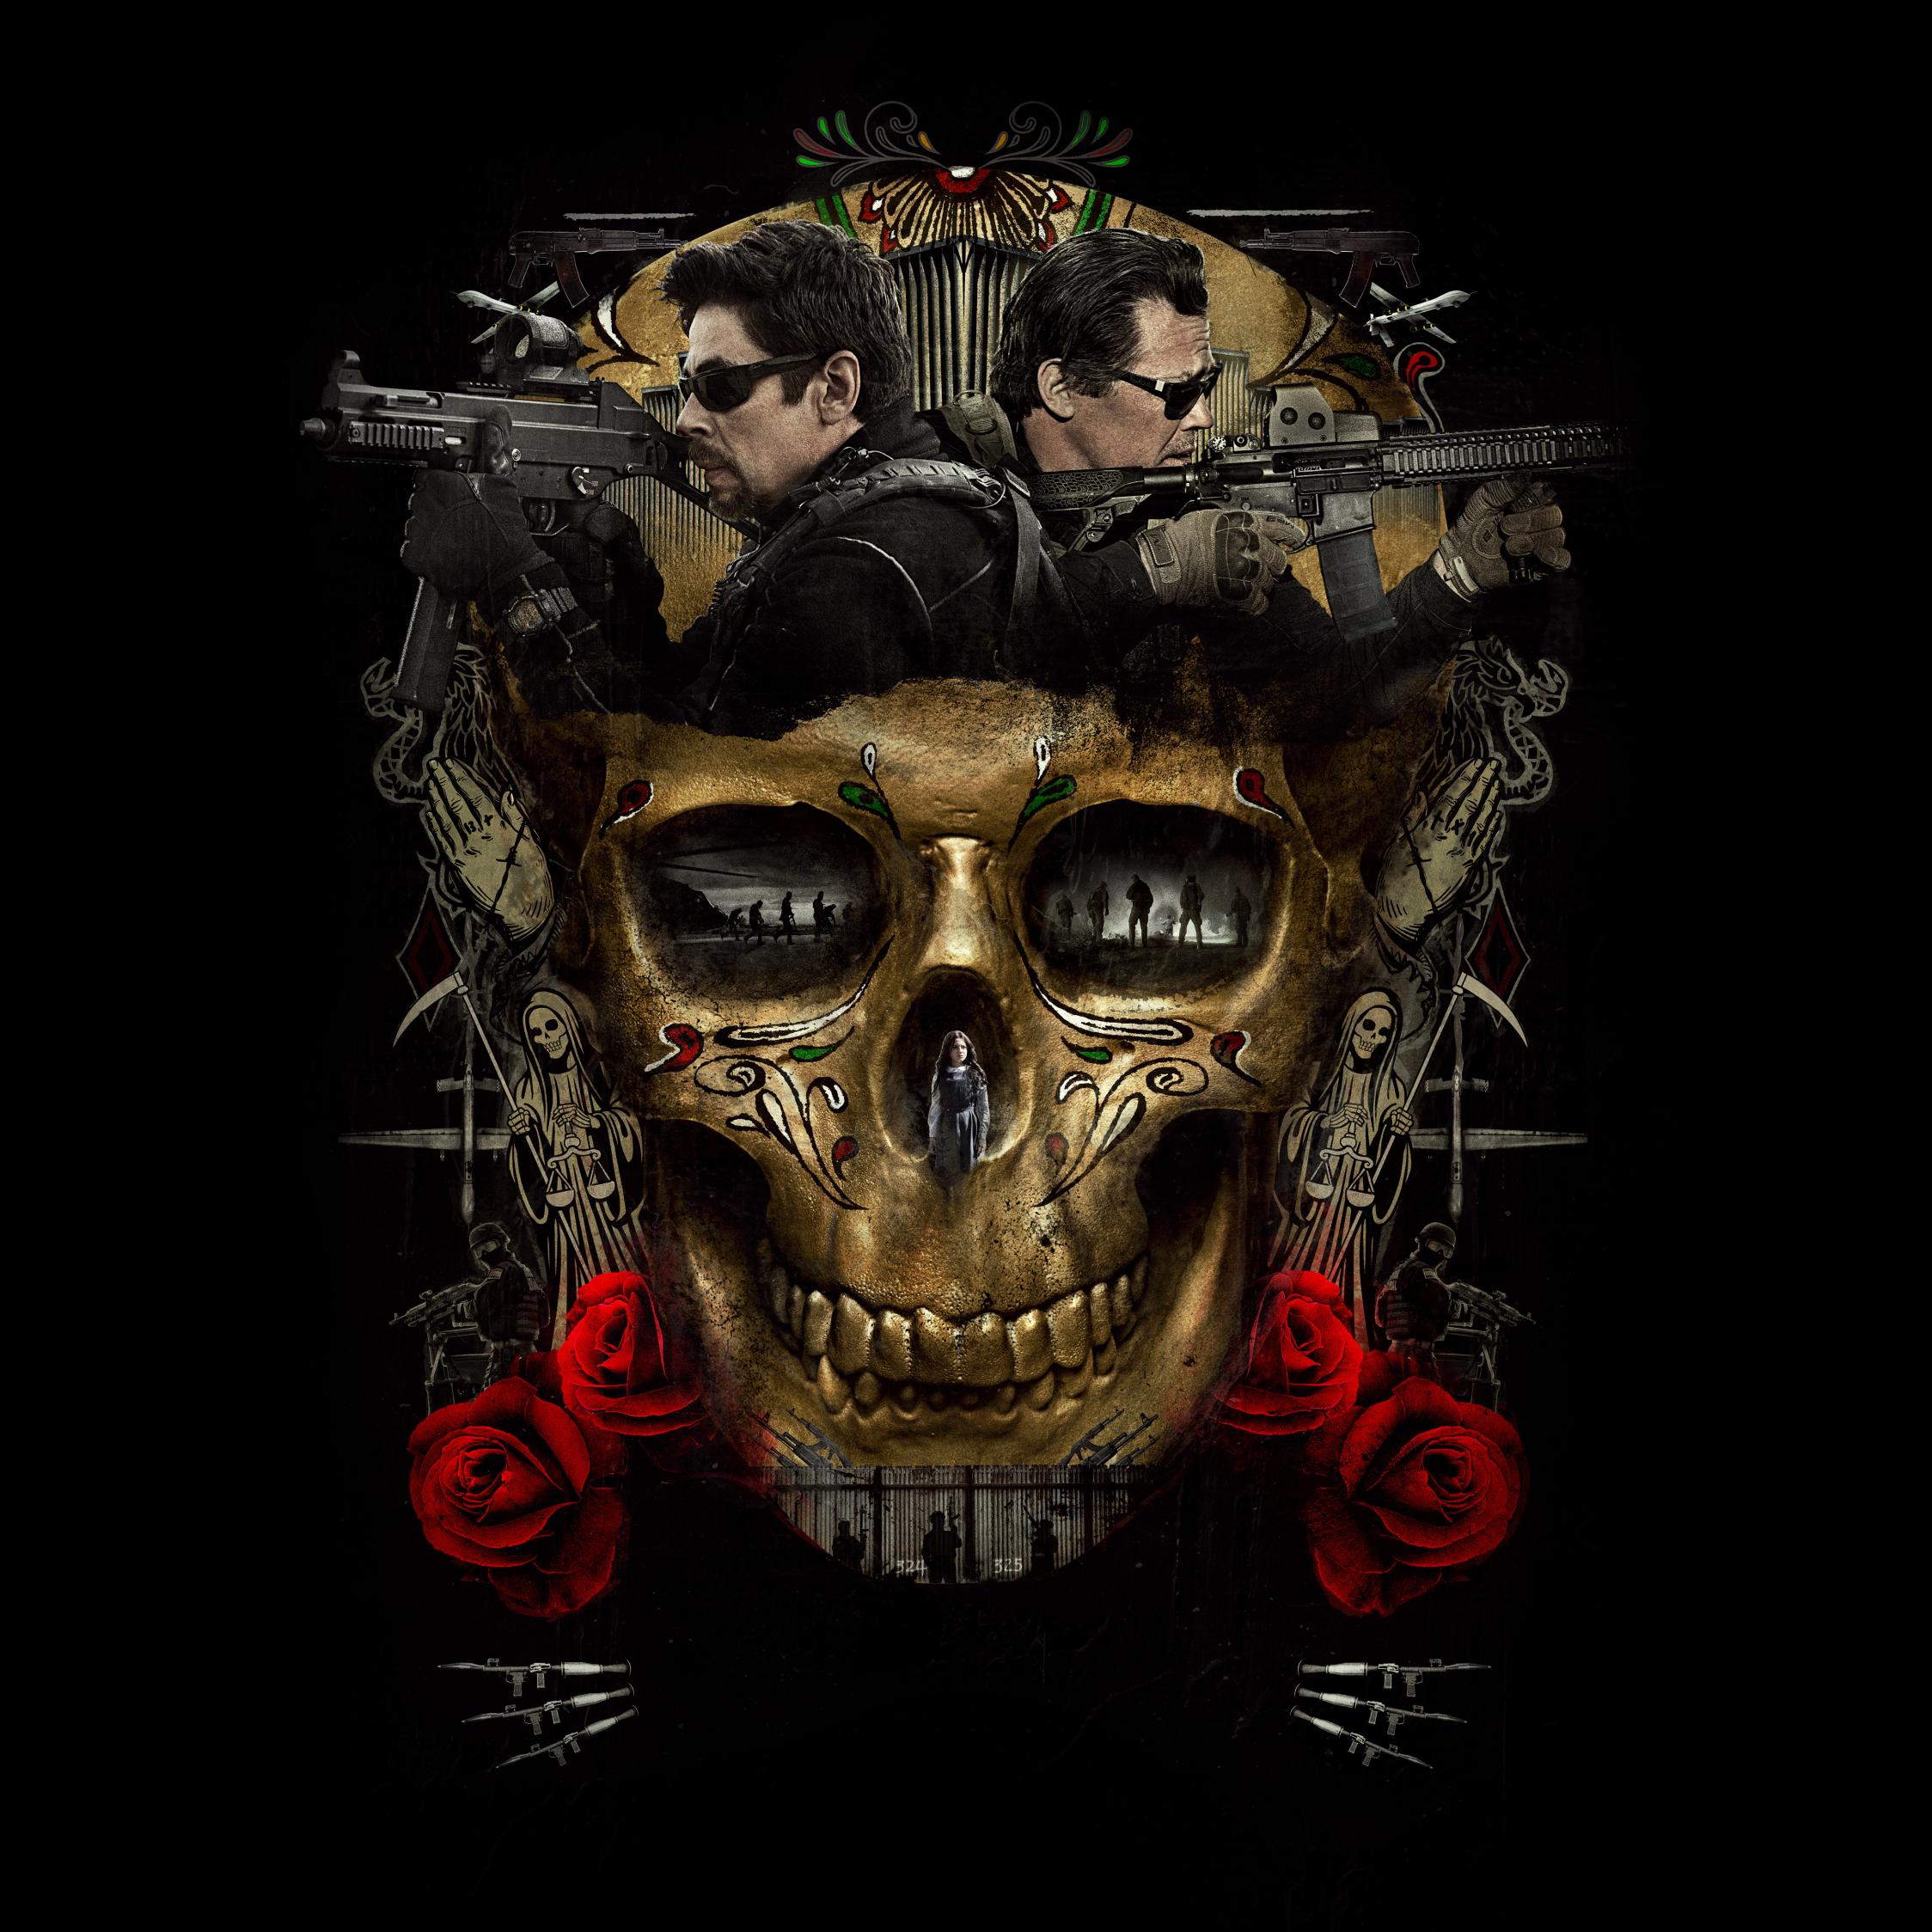 Sicario day of the soldado movie poster 2018 hd 8k wallpaper - Sicario wallpaper ...